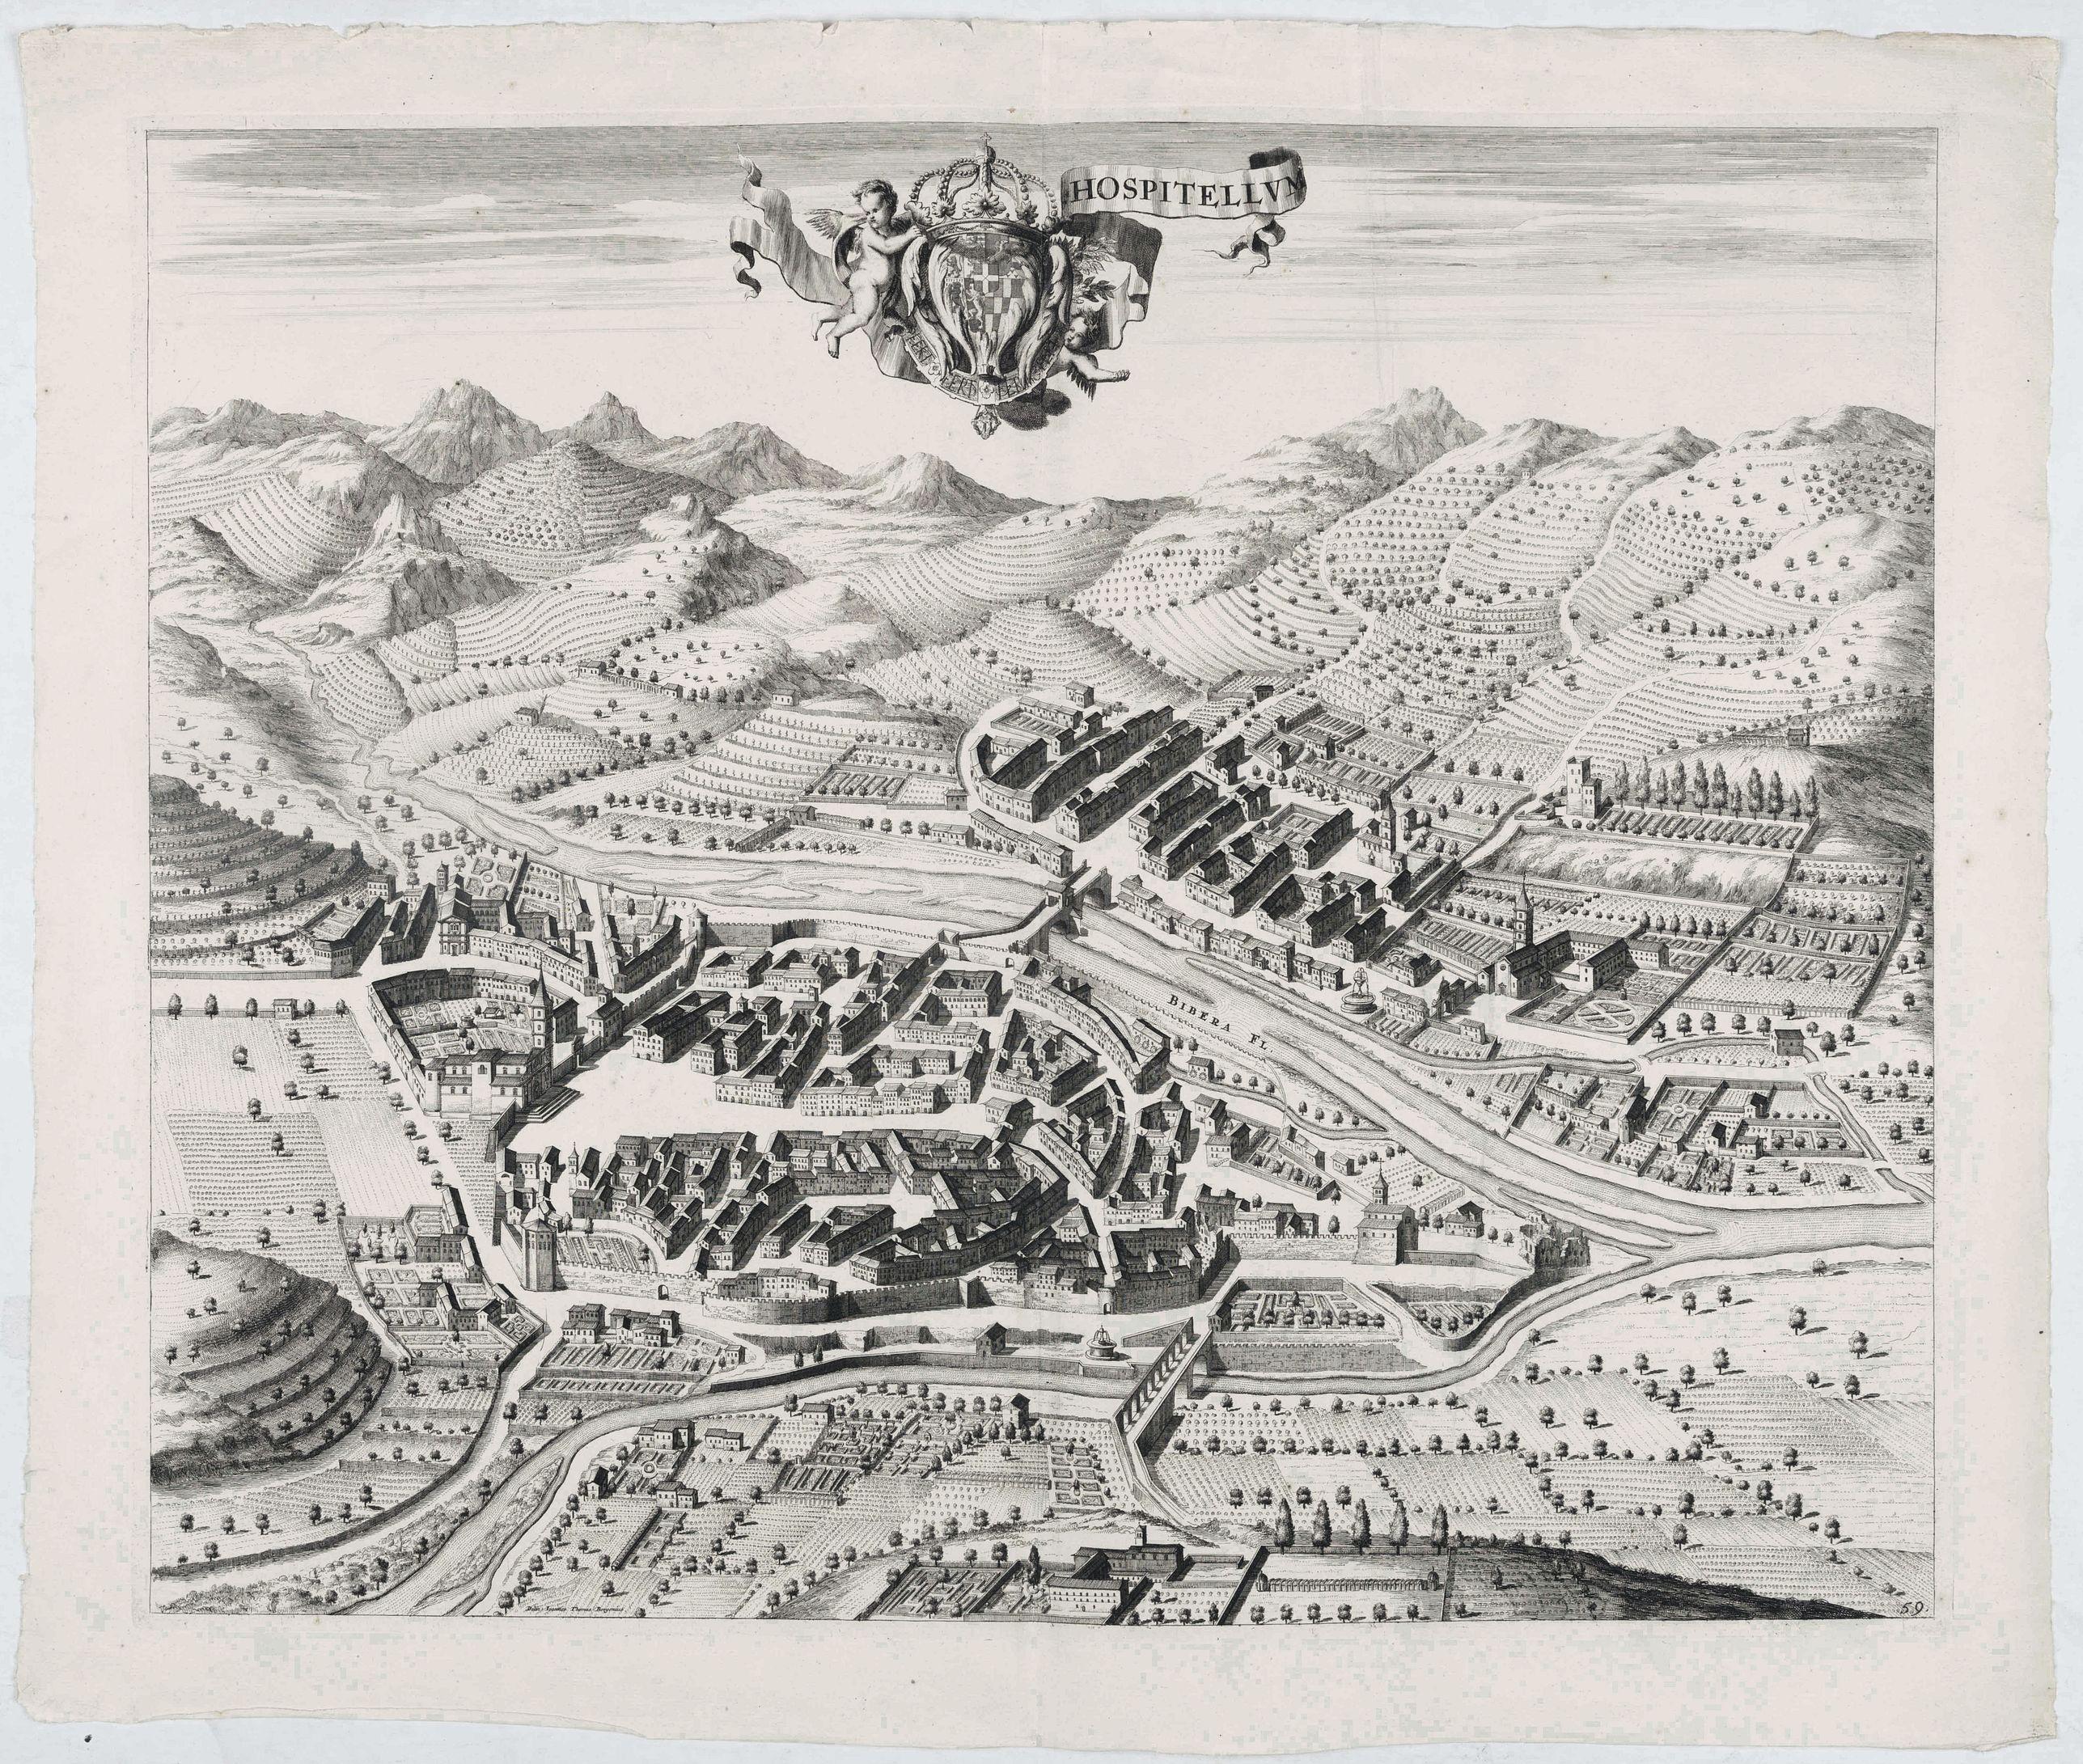 BLAEU, J. -  Hospitelum.